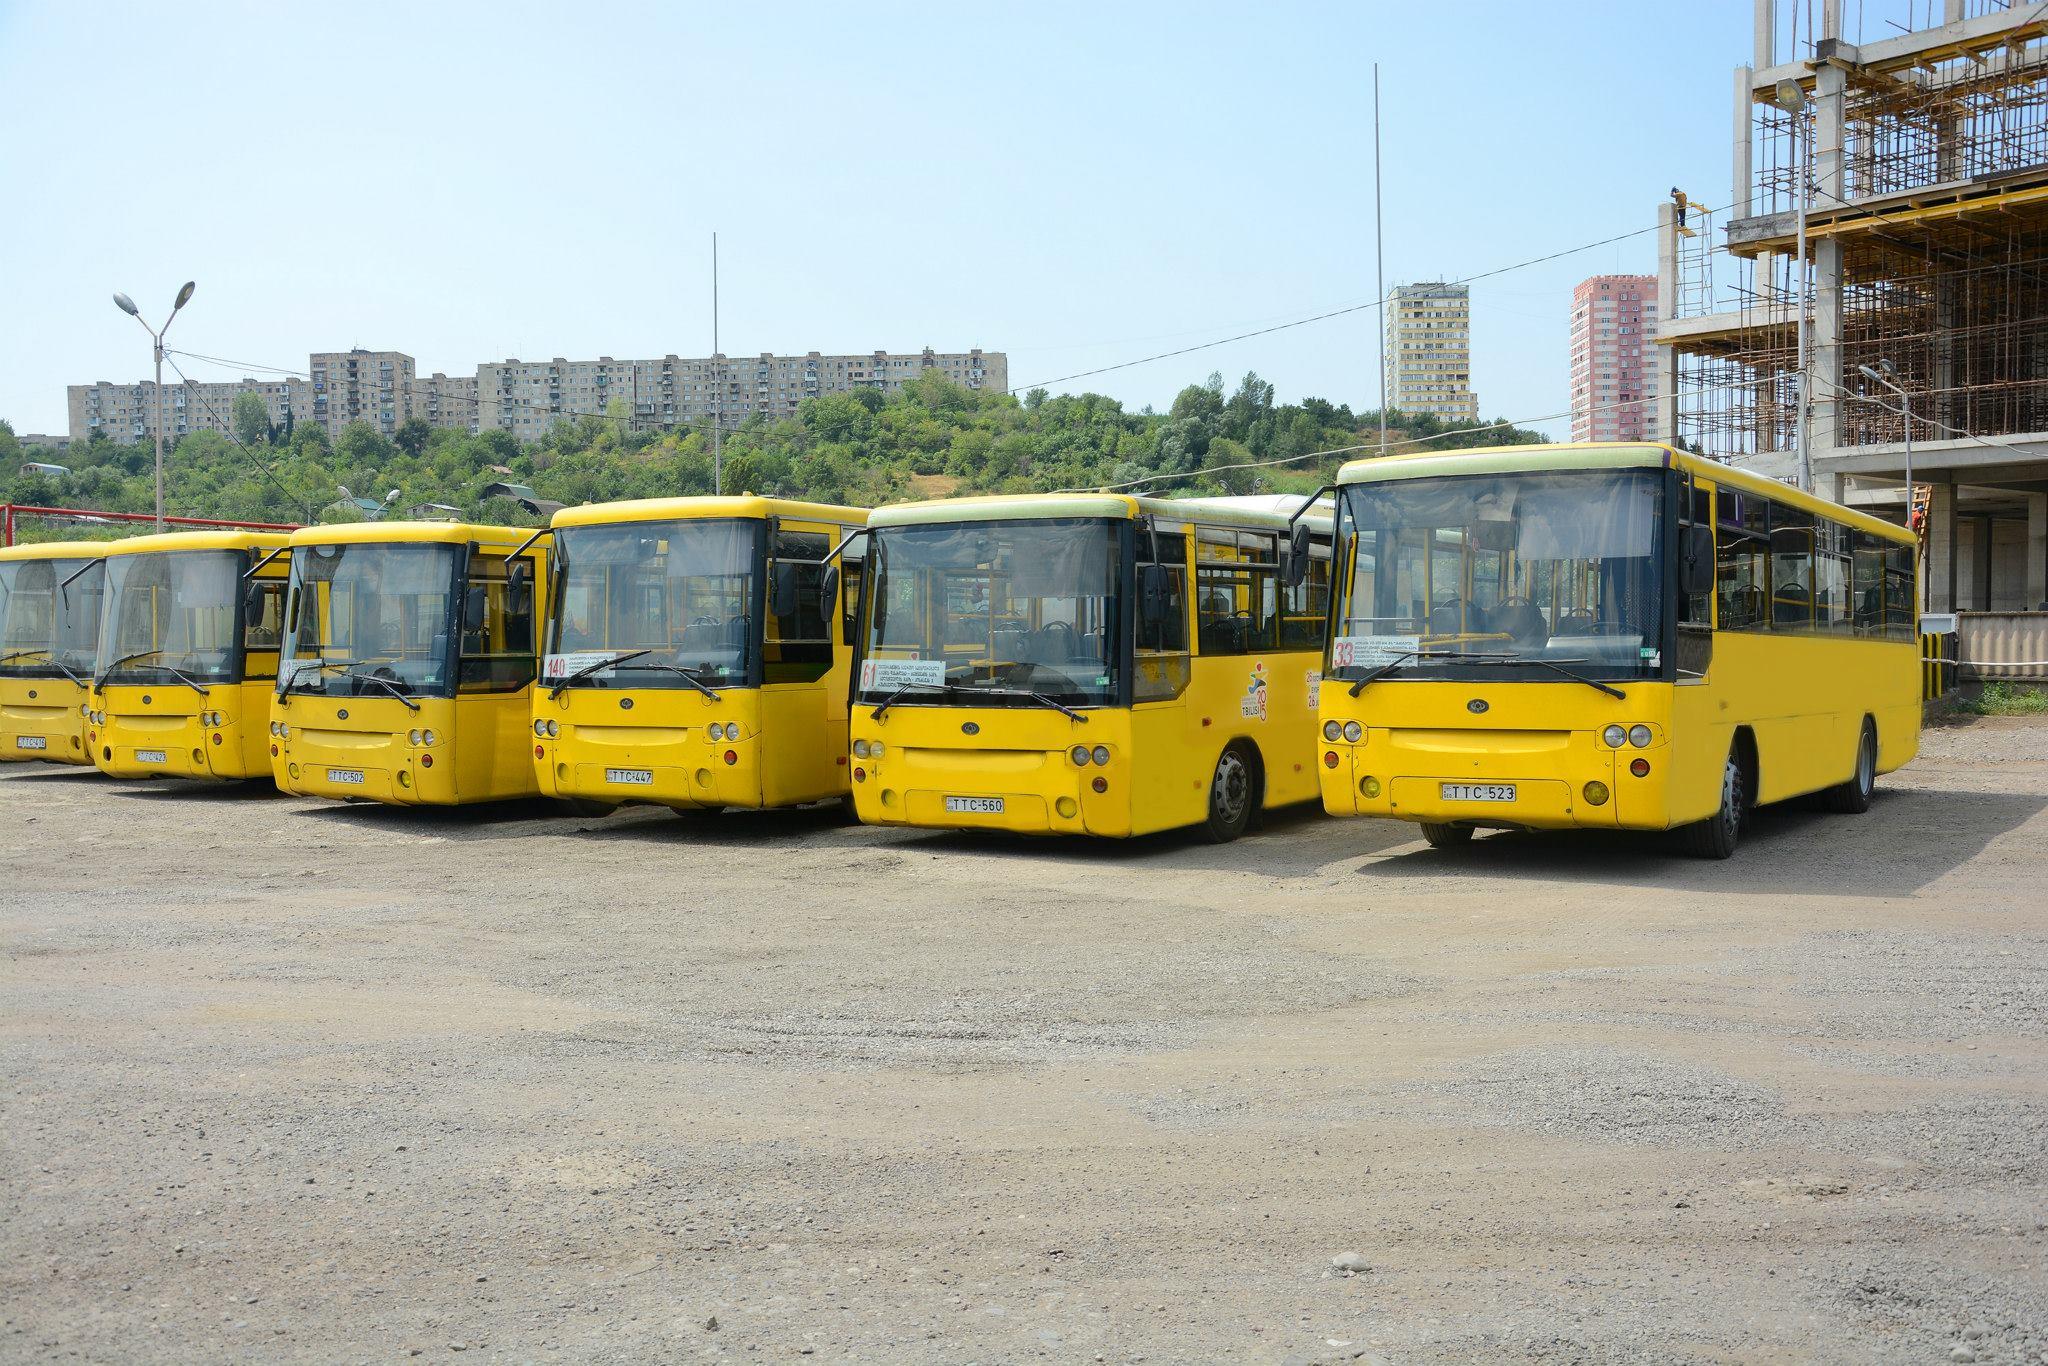 ყვითელი ავტობუსები, მუნიციპალური ტრანსპორტი. ფოტო: TTC